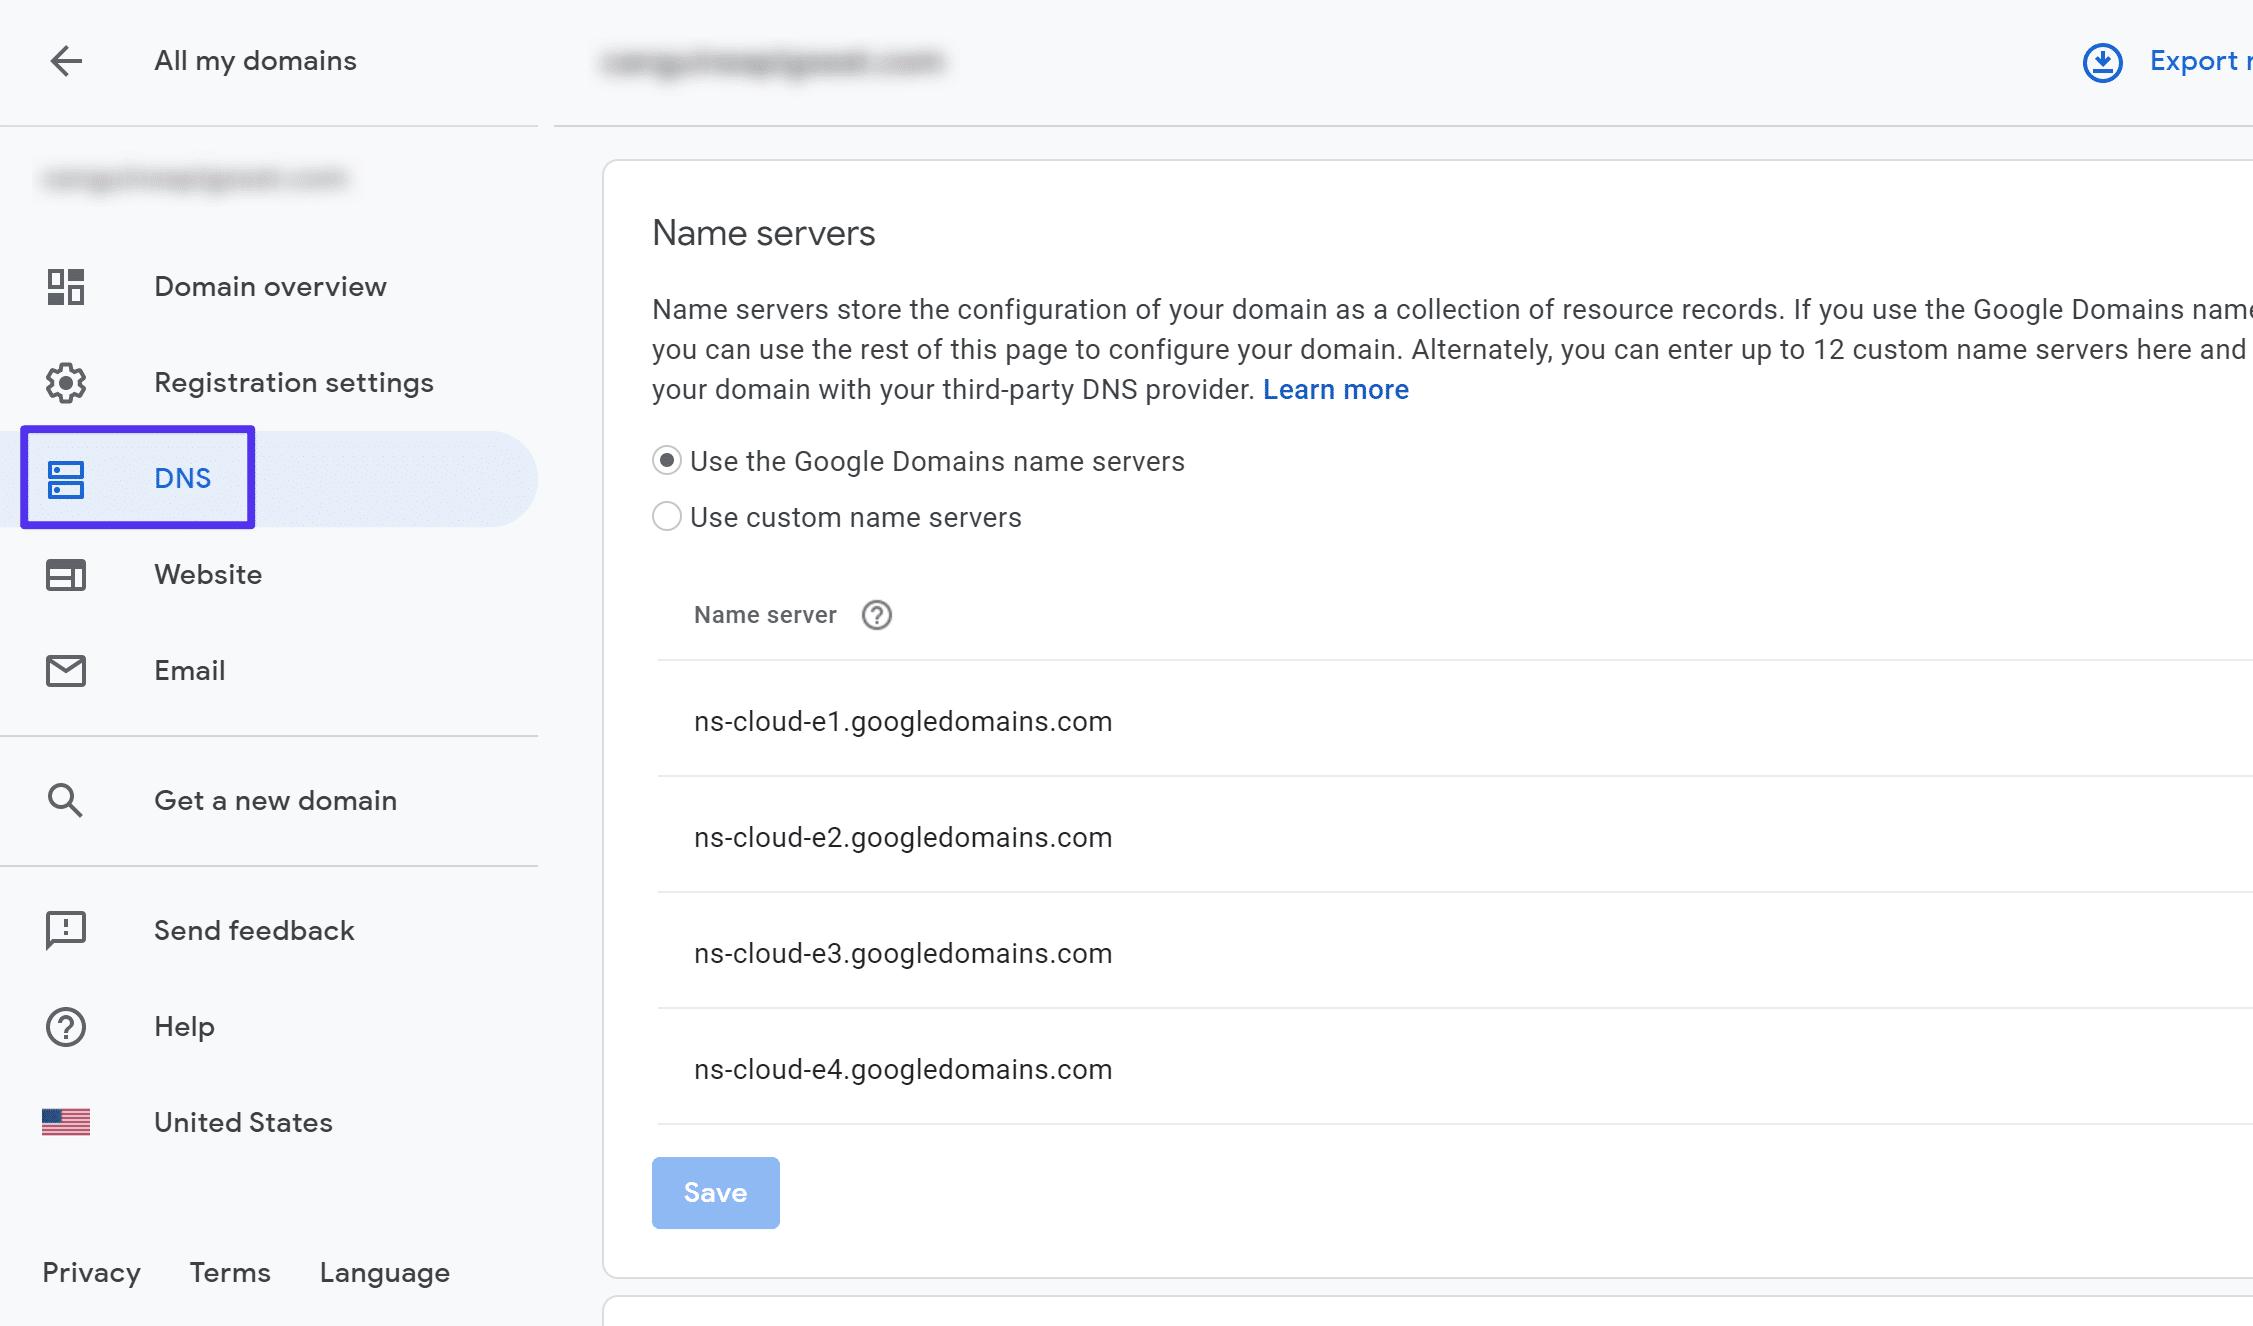 Come modificare i nameserver dei domini Google Domains